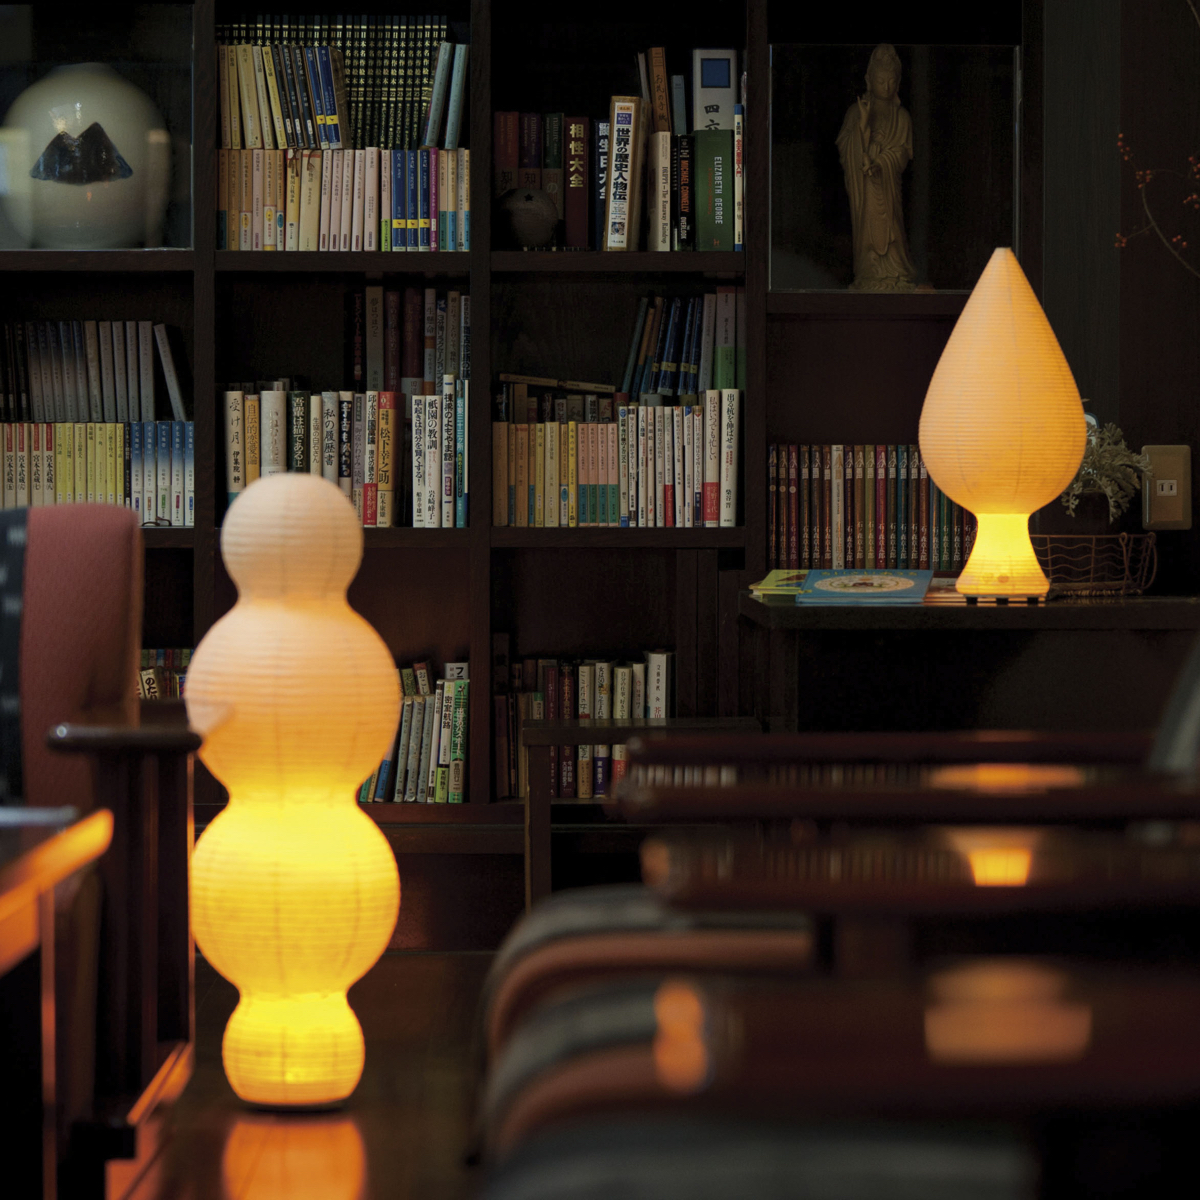 癒しの揺らぐ提灯式ランプ|深い癒しをもたらし、疲れた心身をリセット